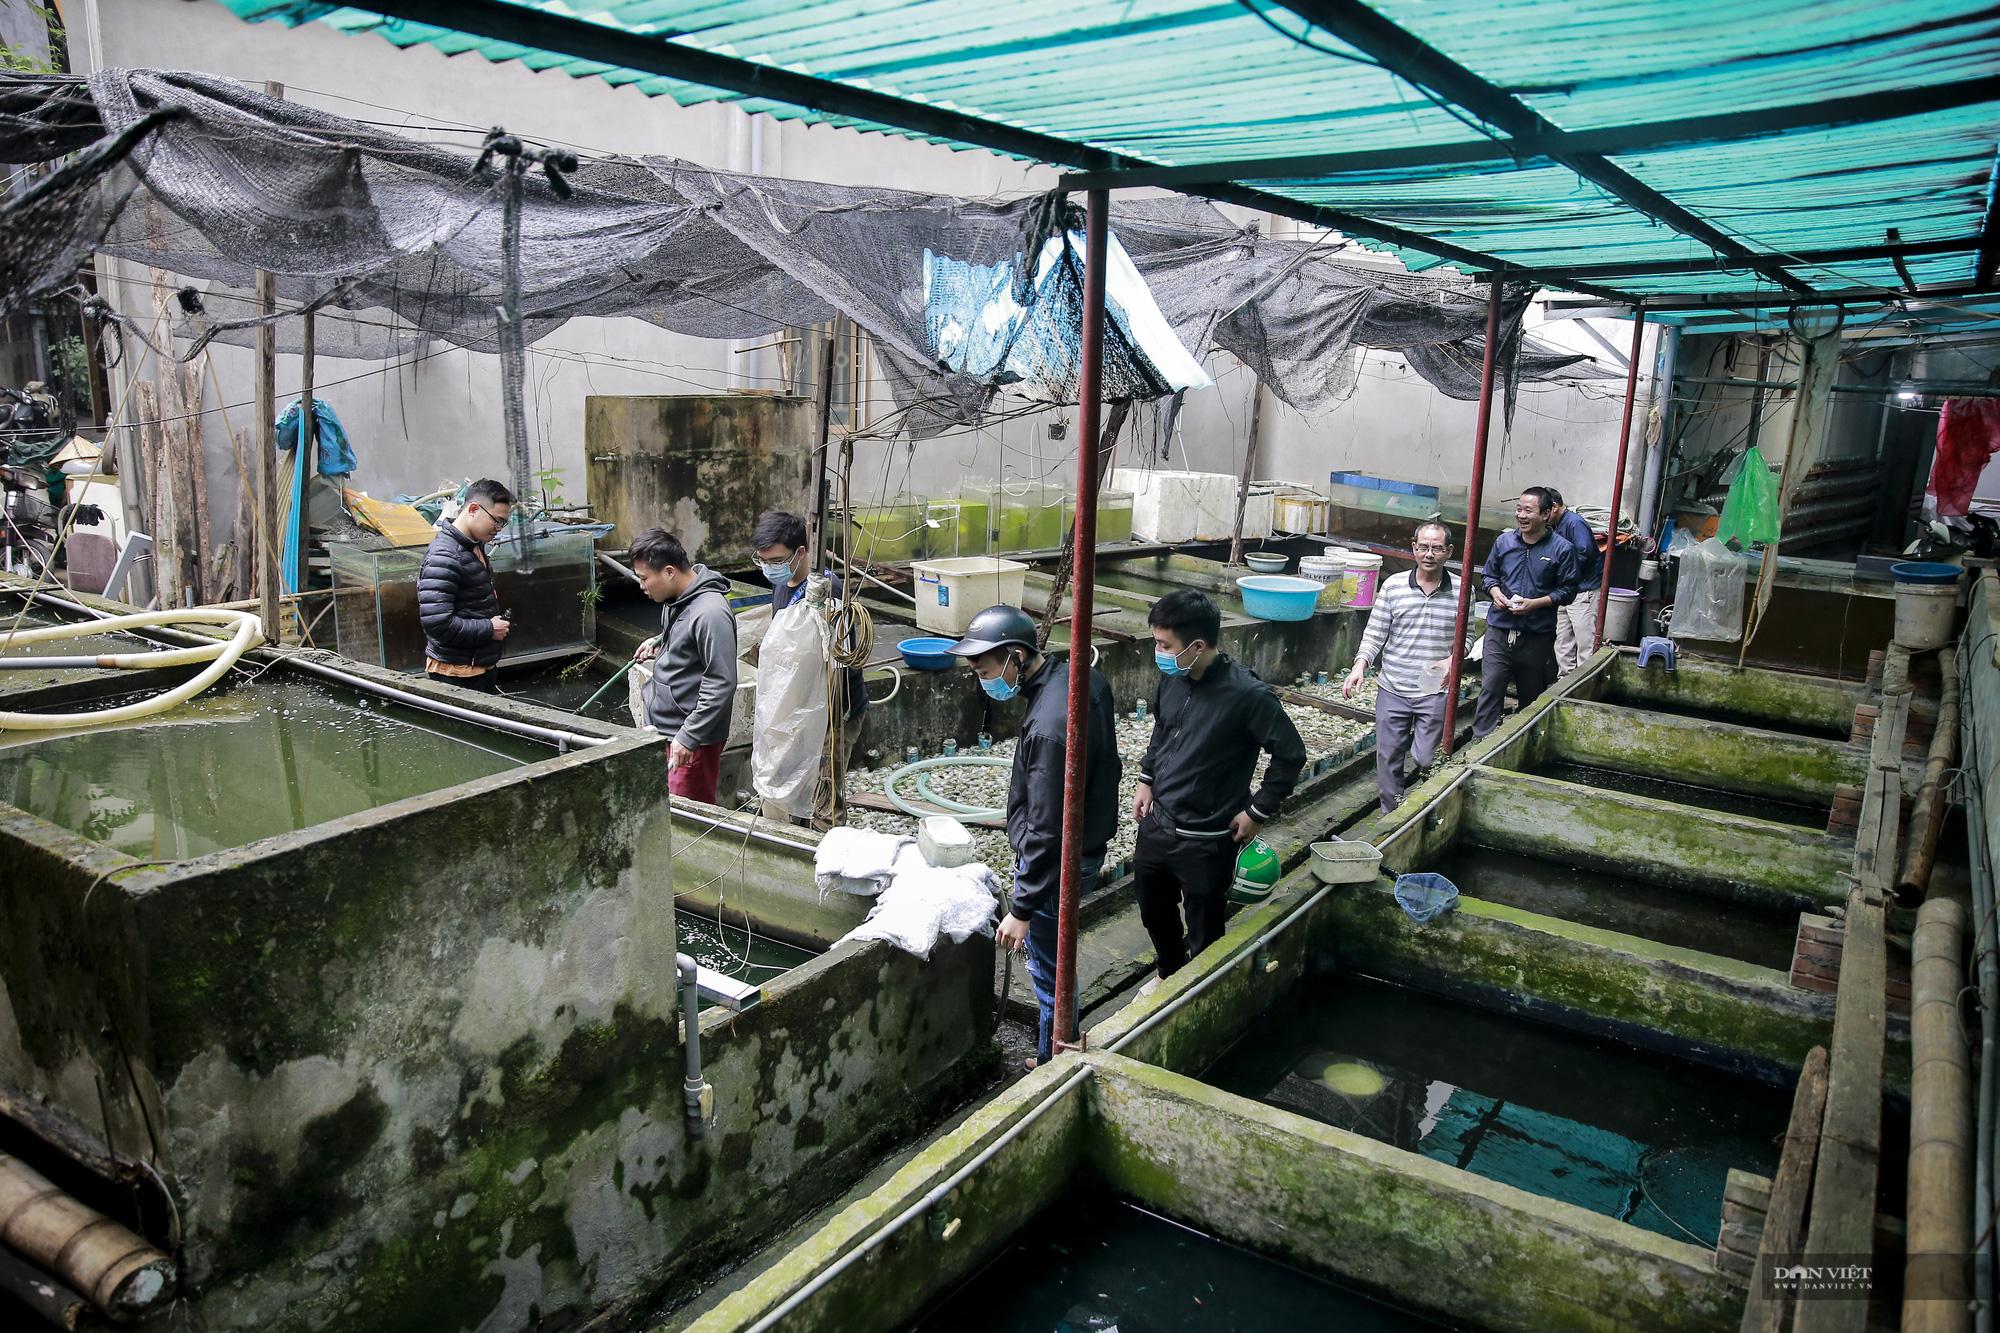 """Lão nông thành triệu phú nhờ lai tạo giống cá được ví như những """"chiến binh Samurai""""  - Ảnh 1."""